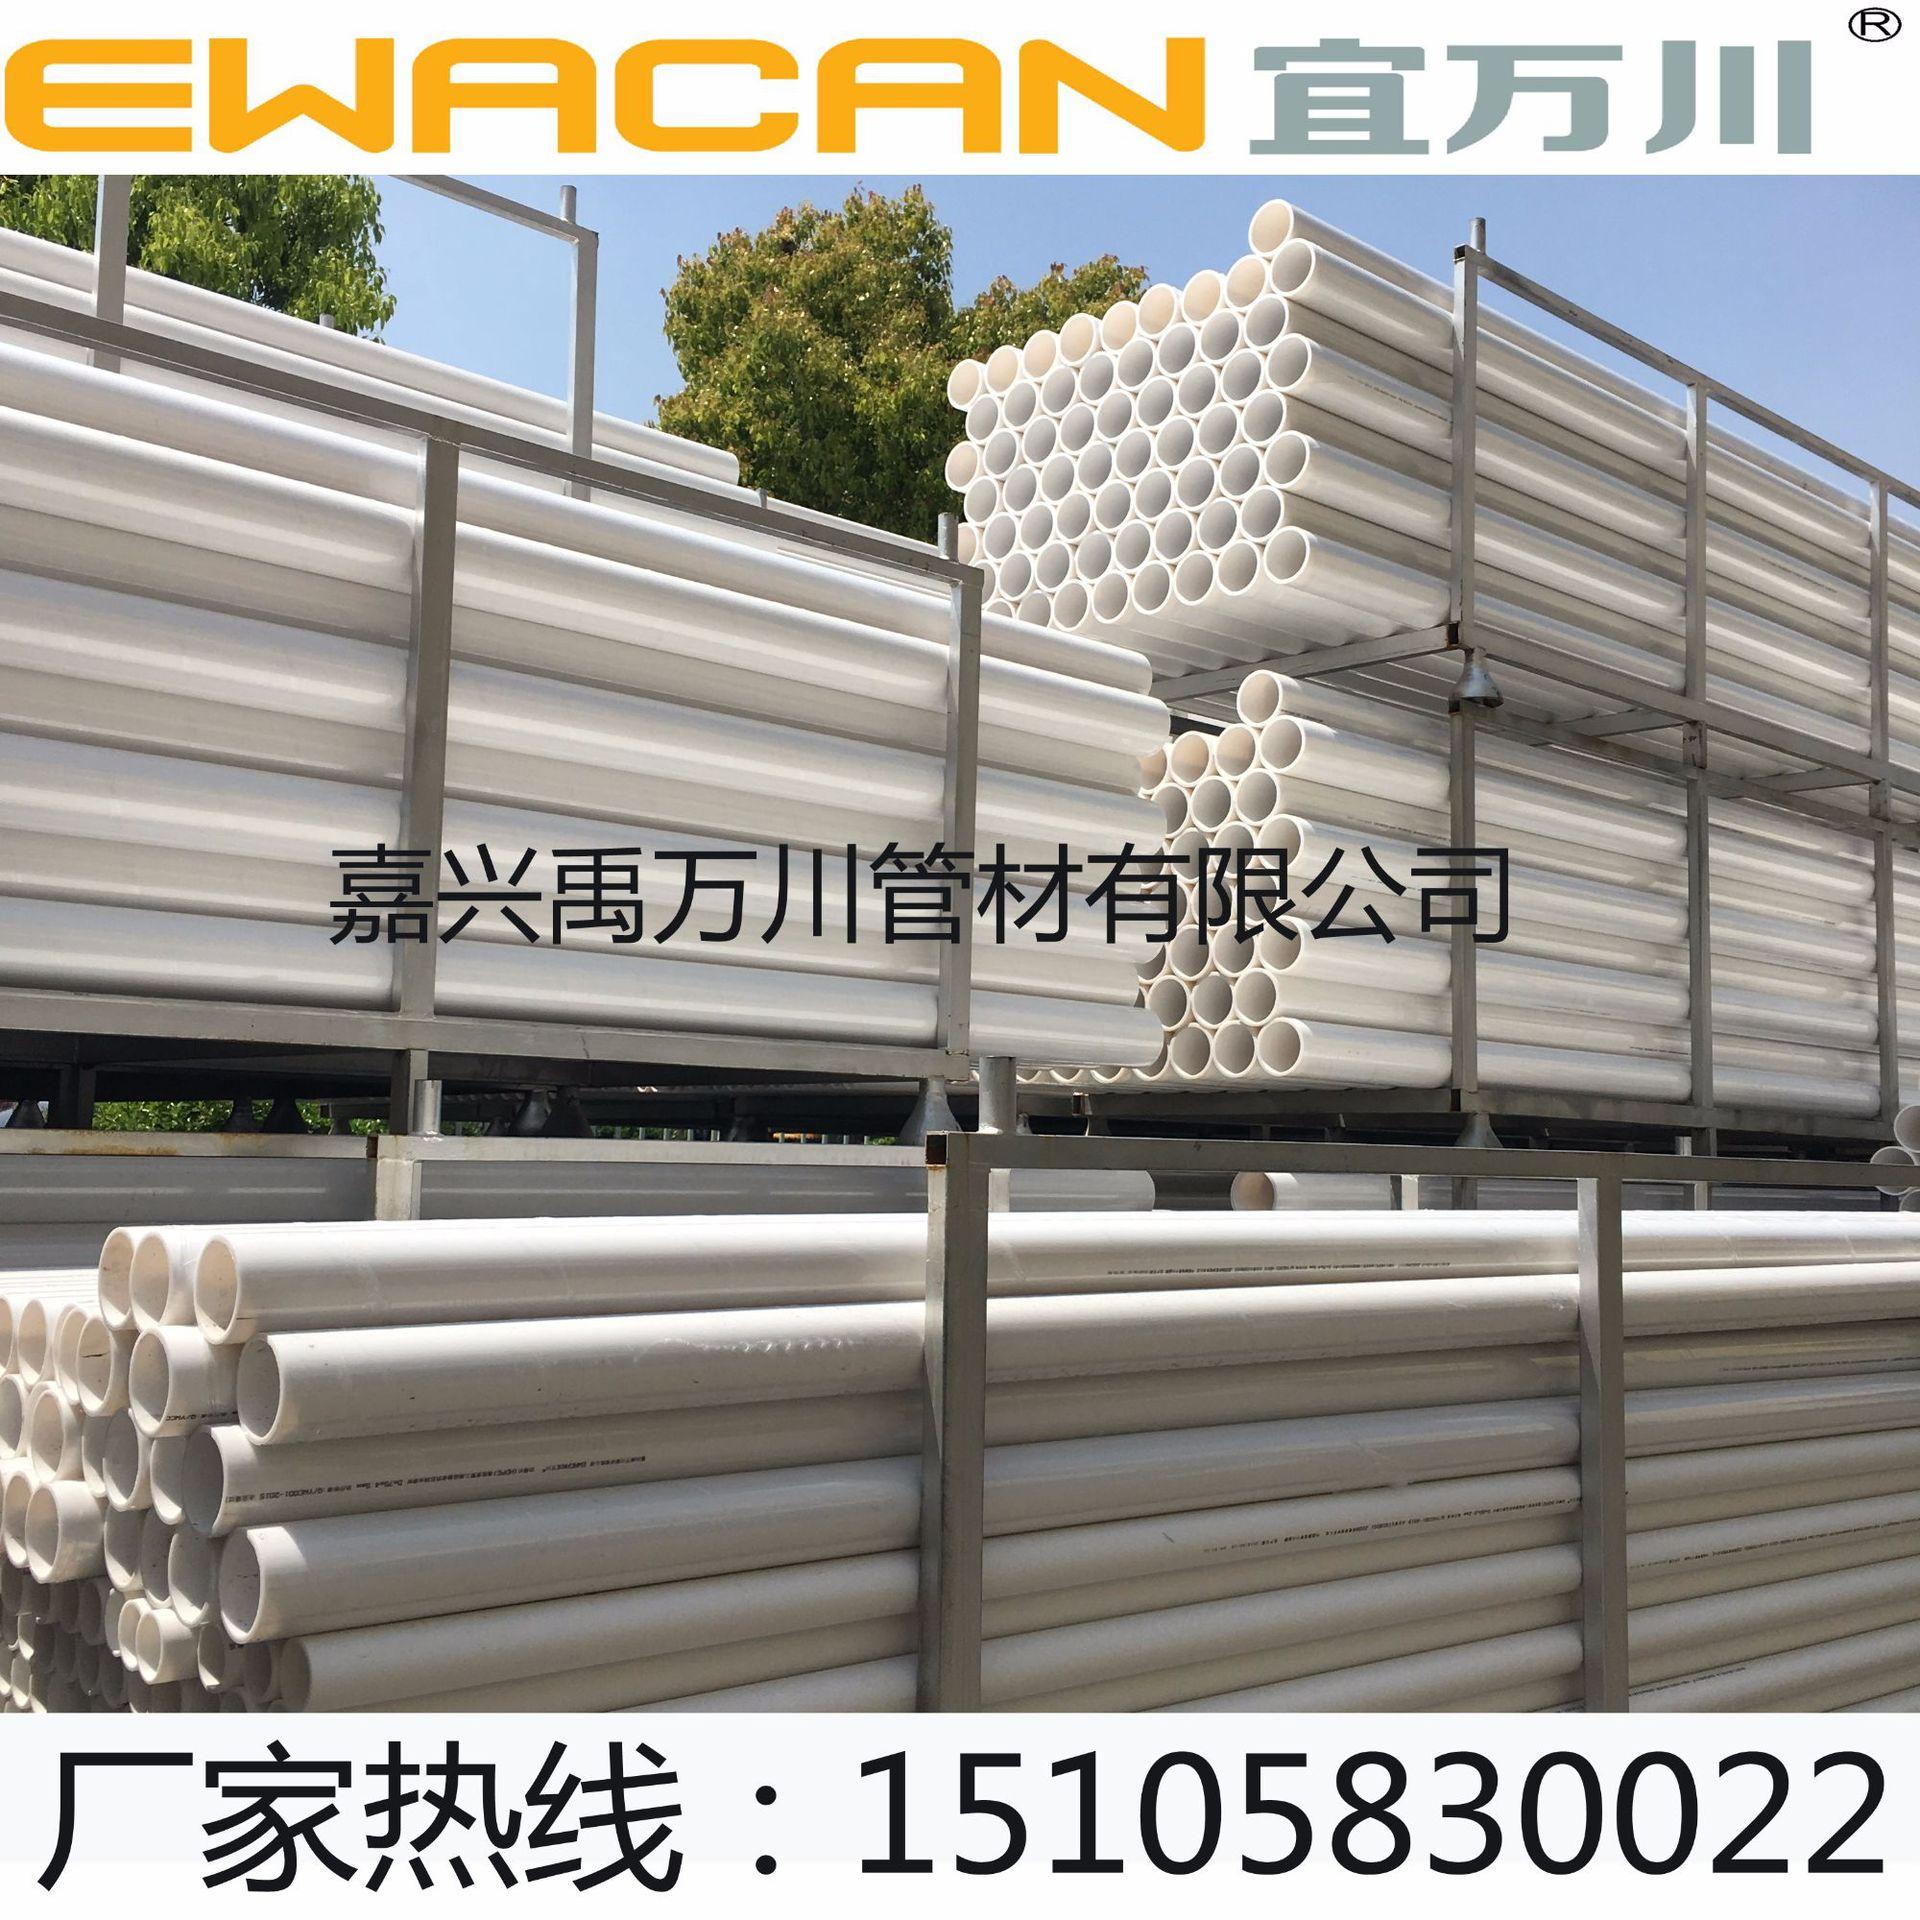 重庆HDPE沟槽式超静音排水管,高密度聚乙烯HDPE环压ABS卡箍连接示例图3